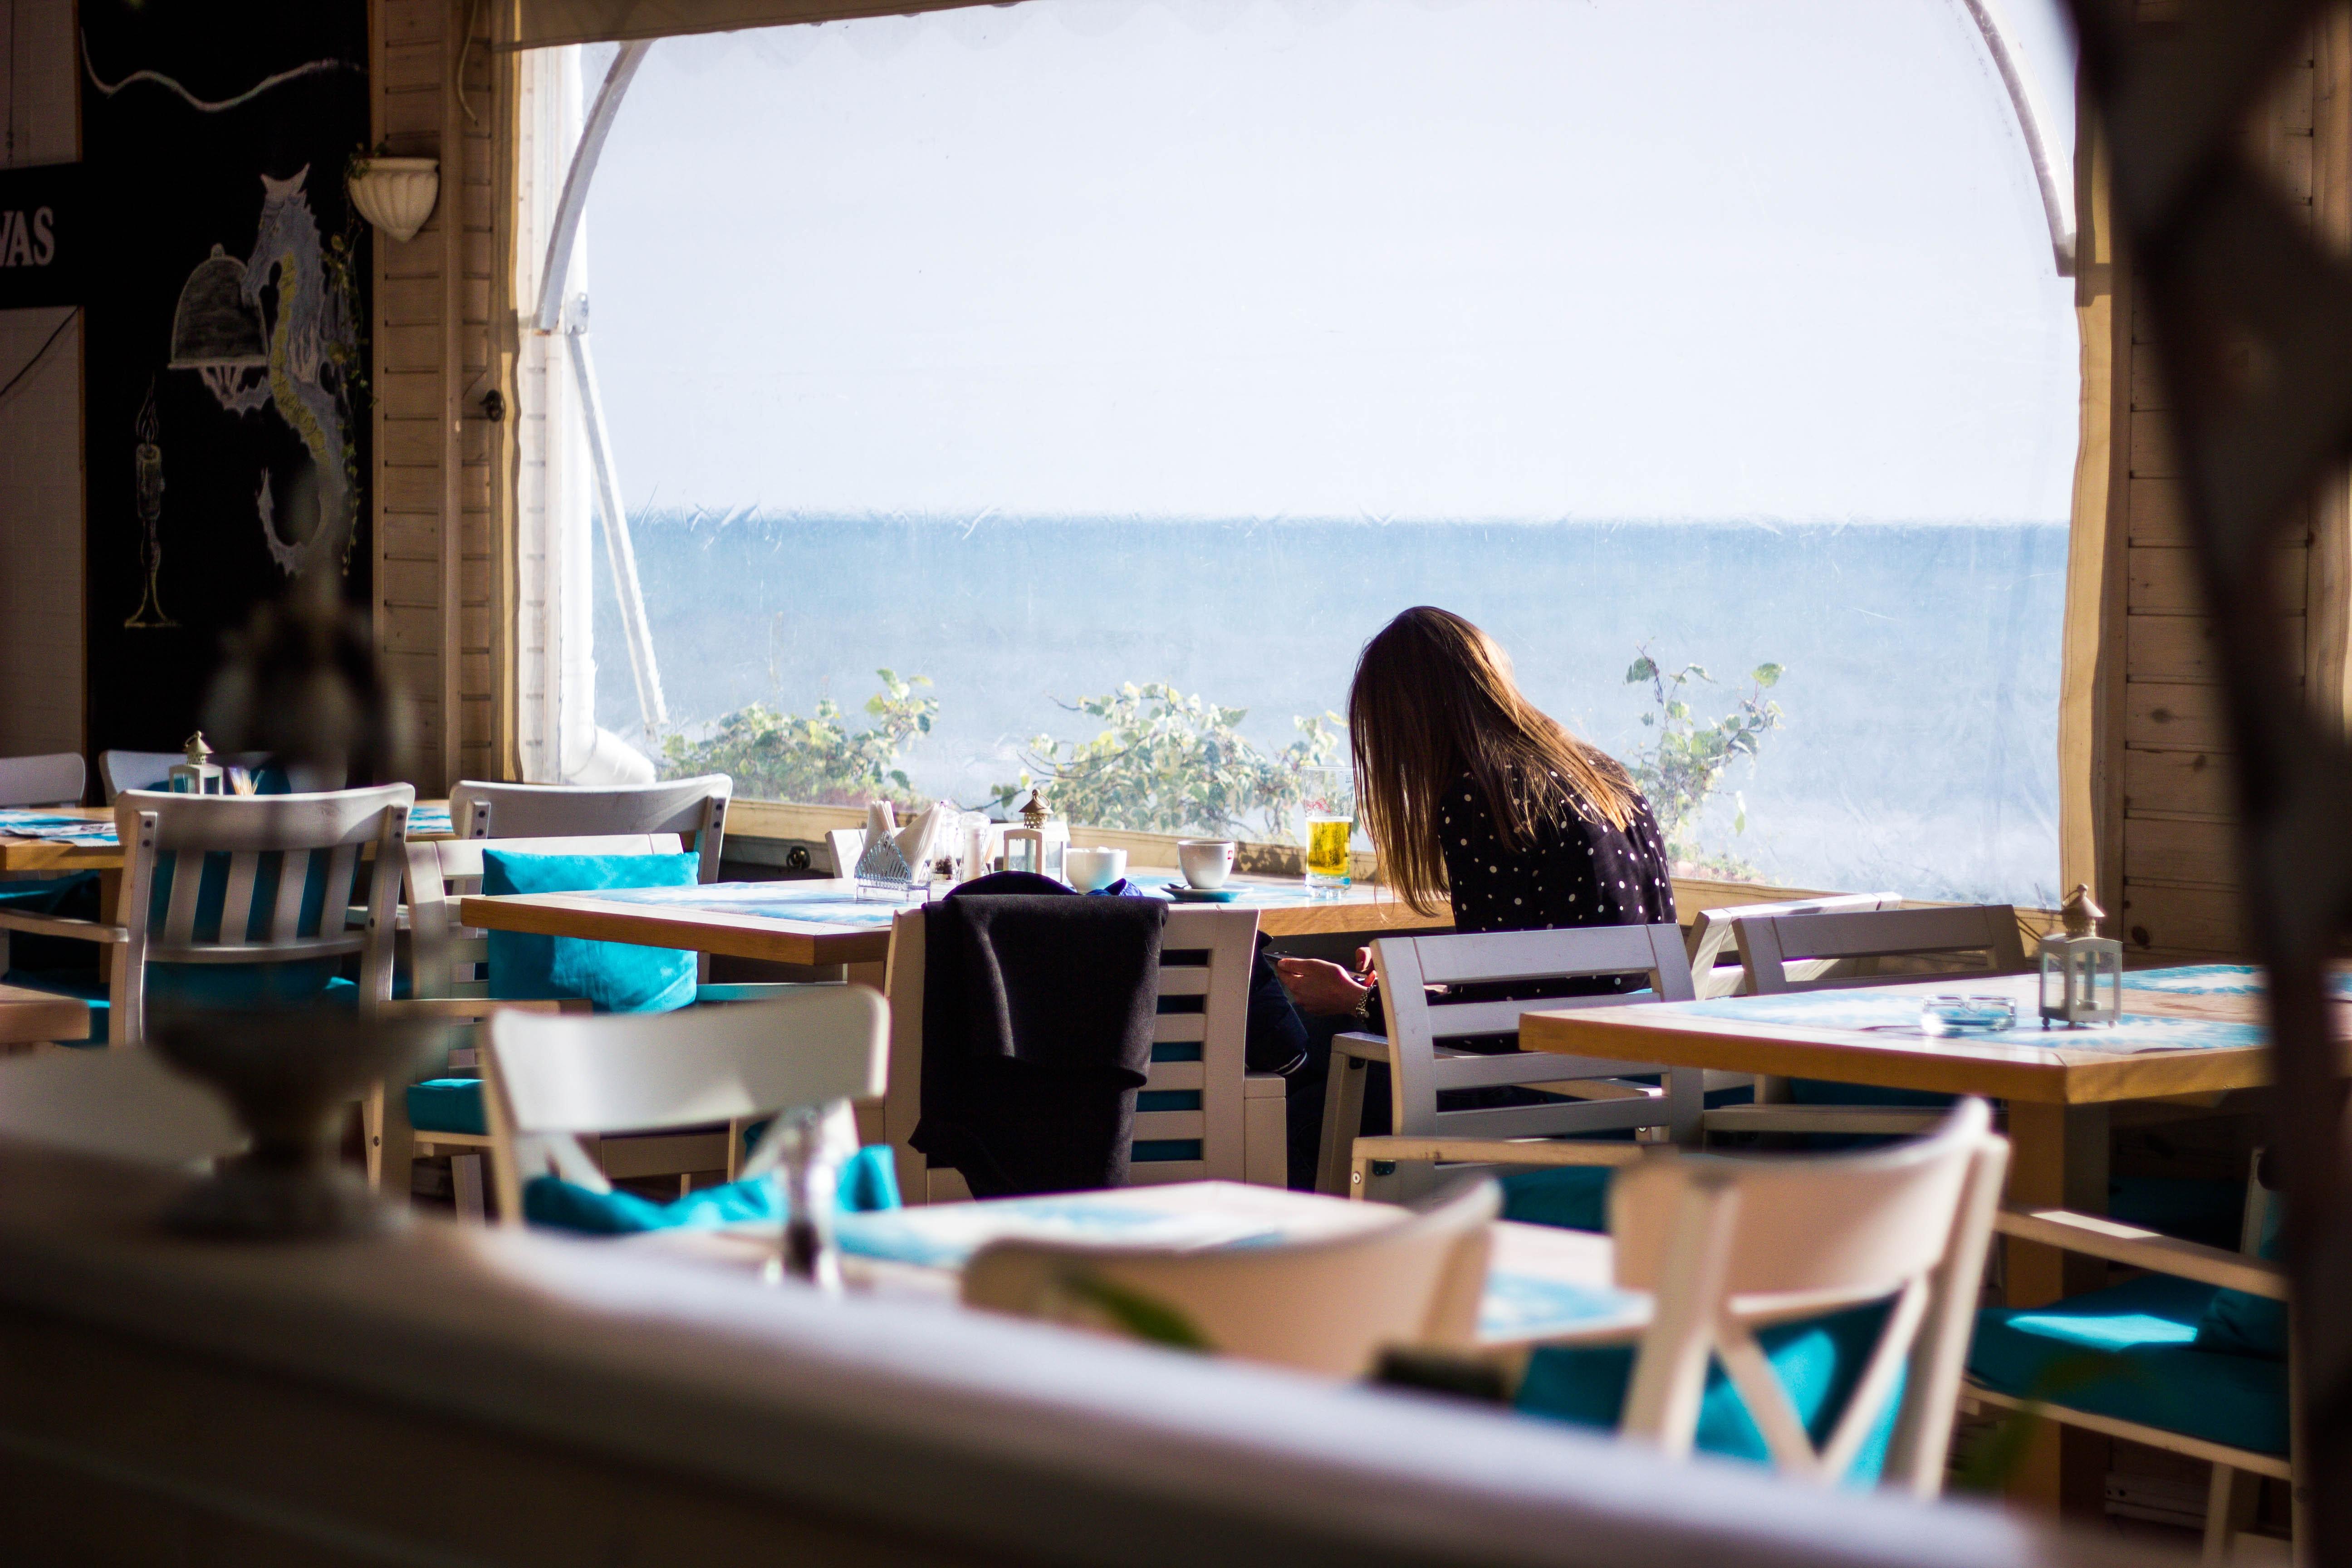 INAIL: Raccomandazioni per ristoranti, bar e stabilimenti balneari